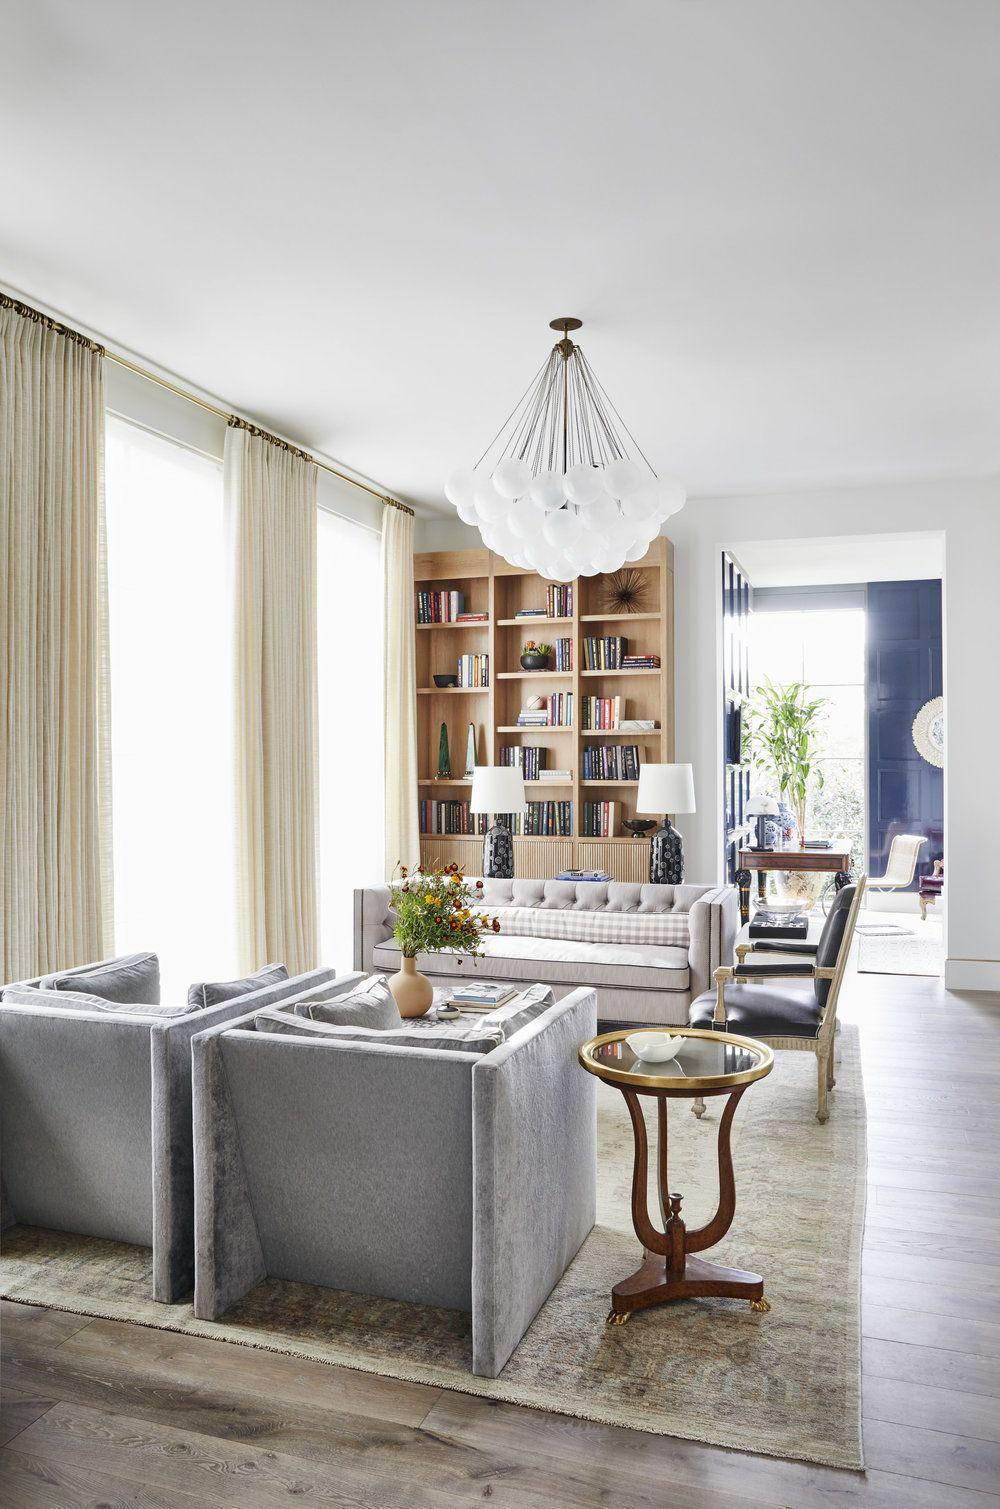 38++ Home decor inspiration 2020 info